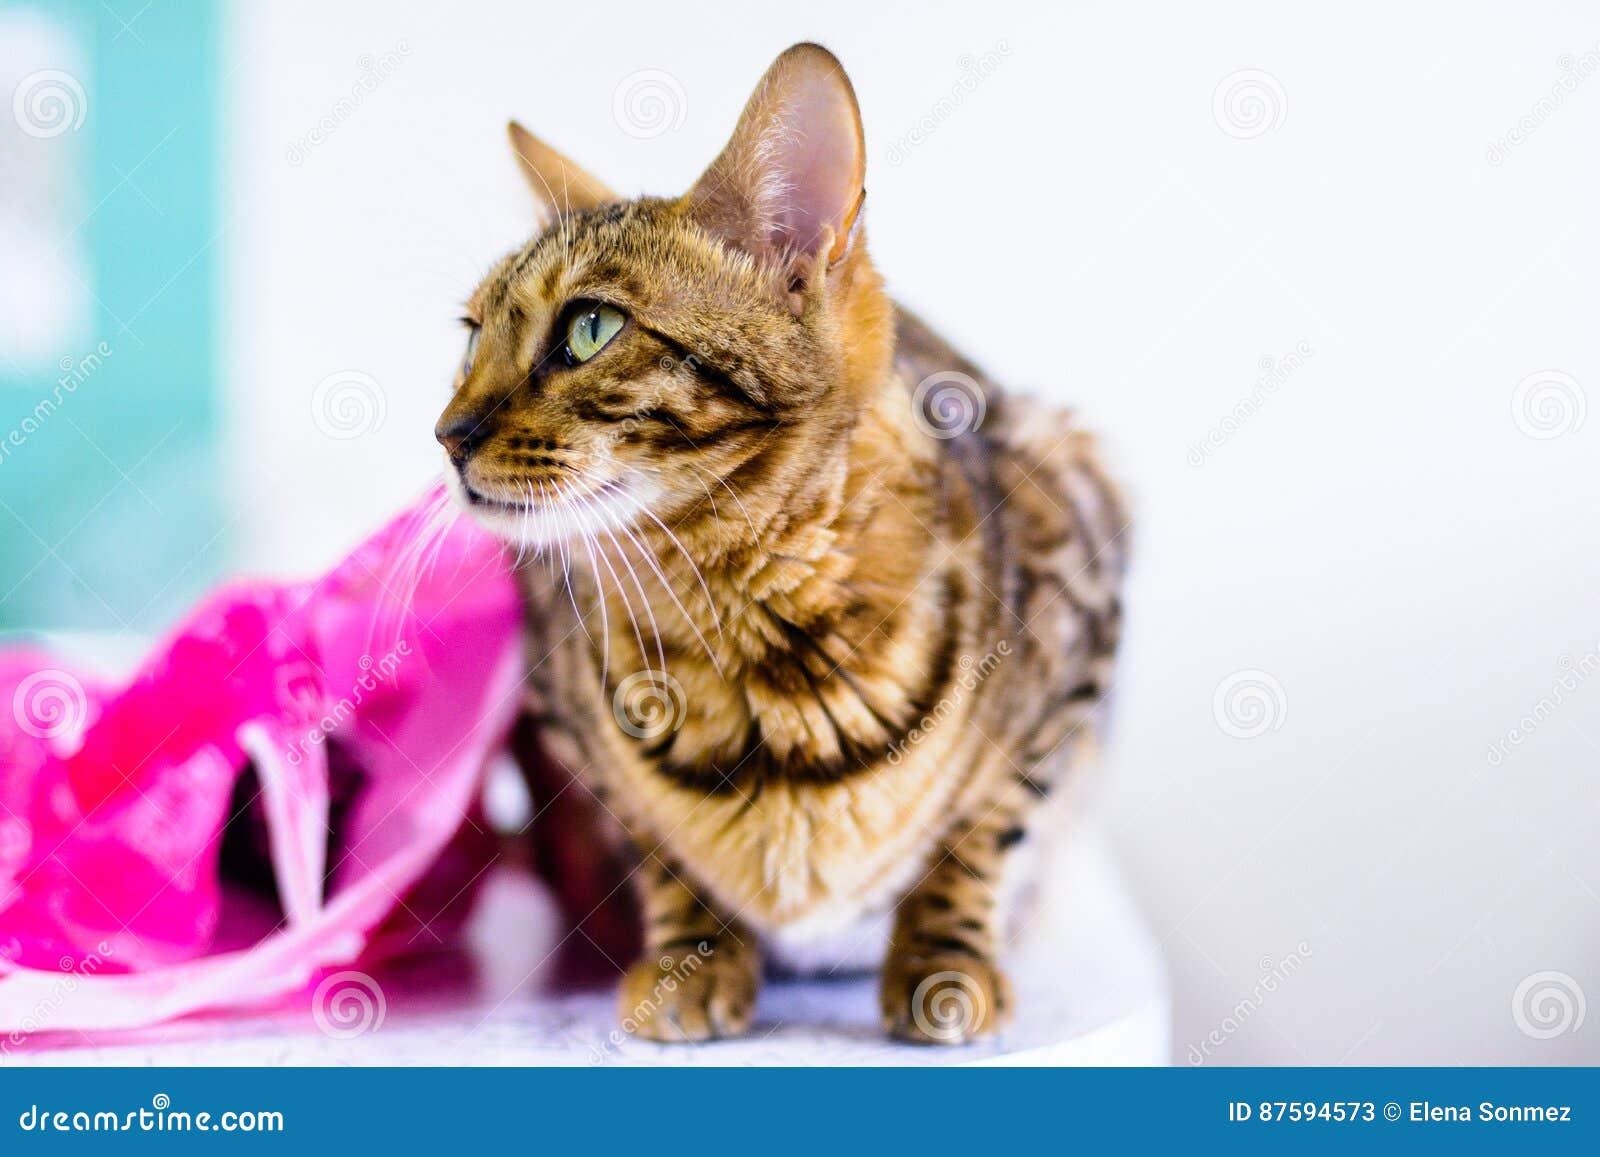 Кот милый красивый